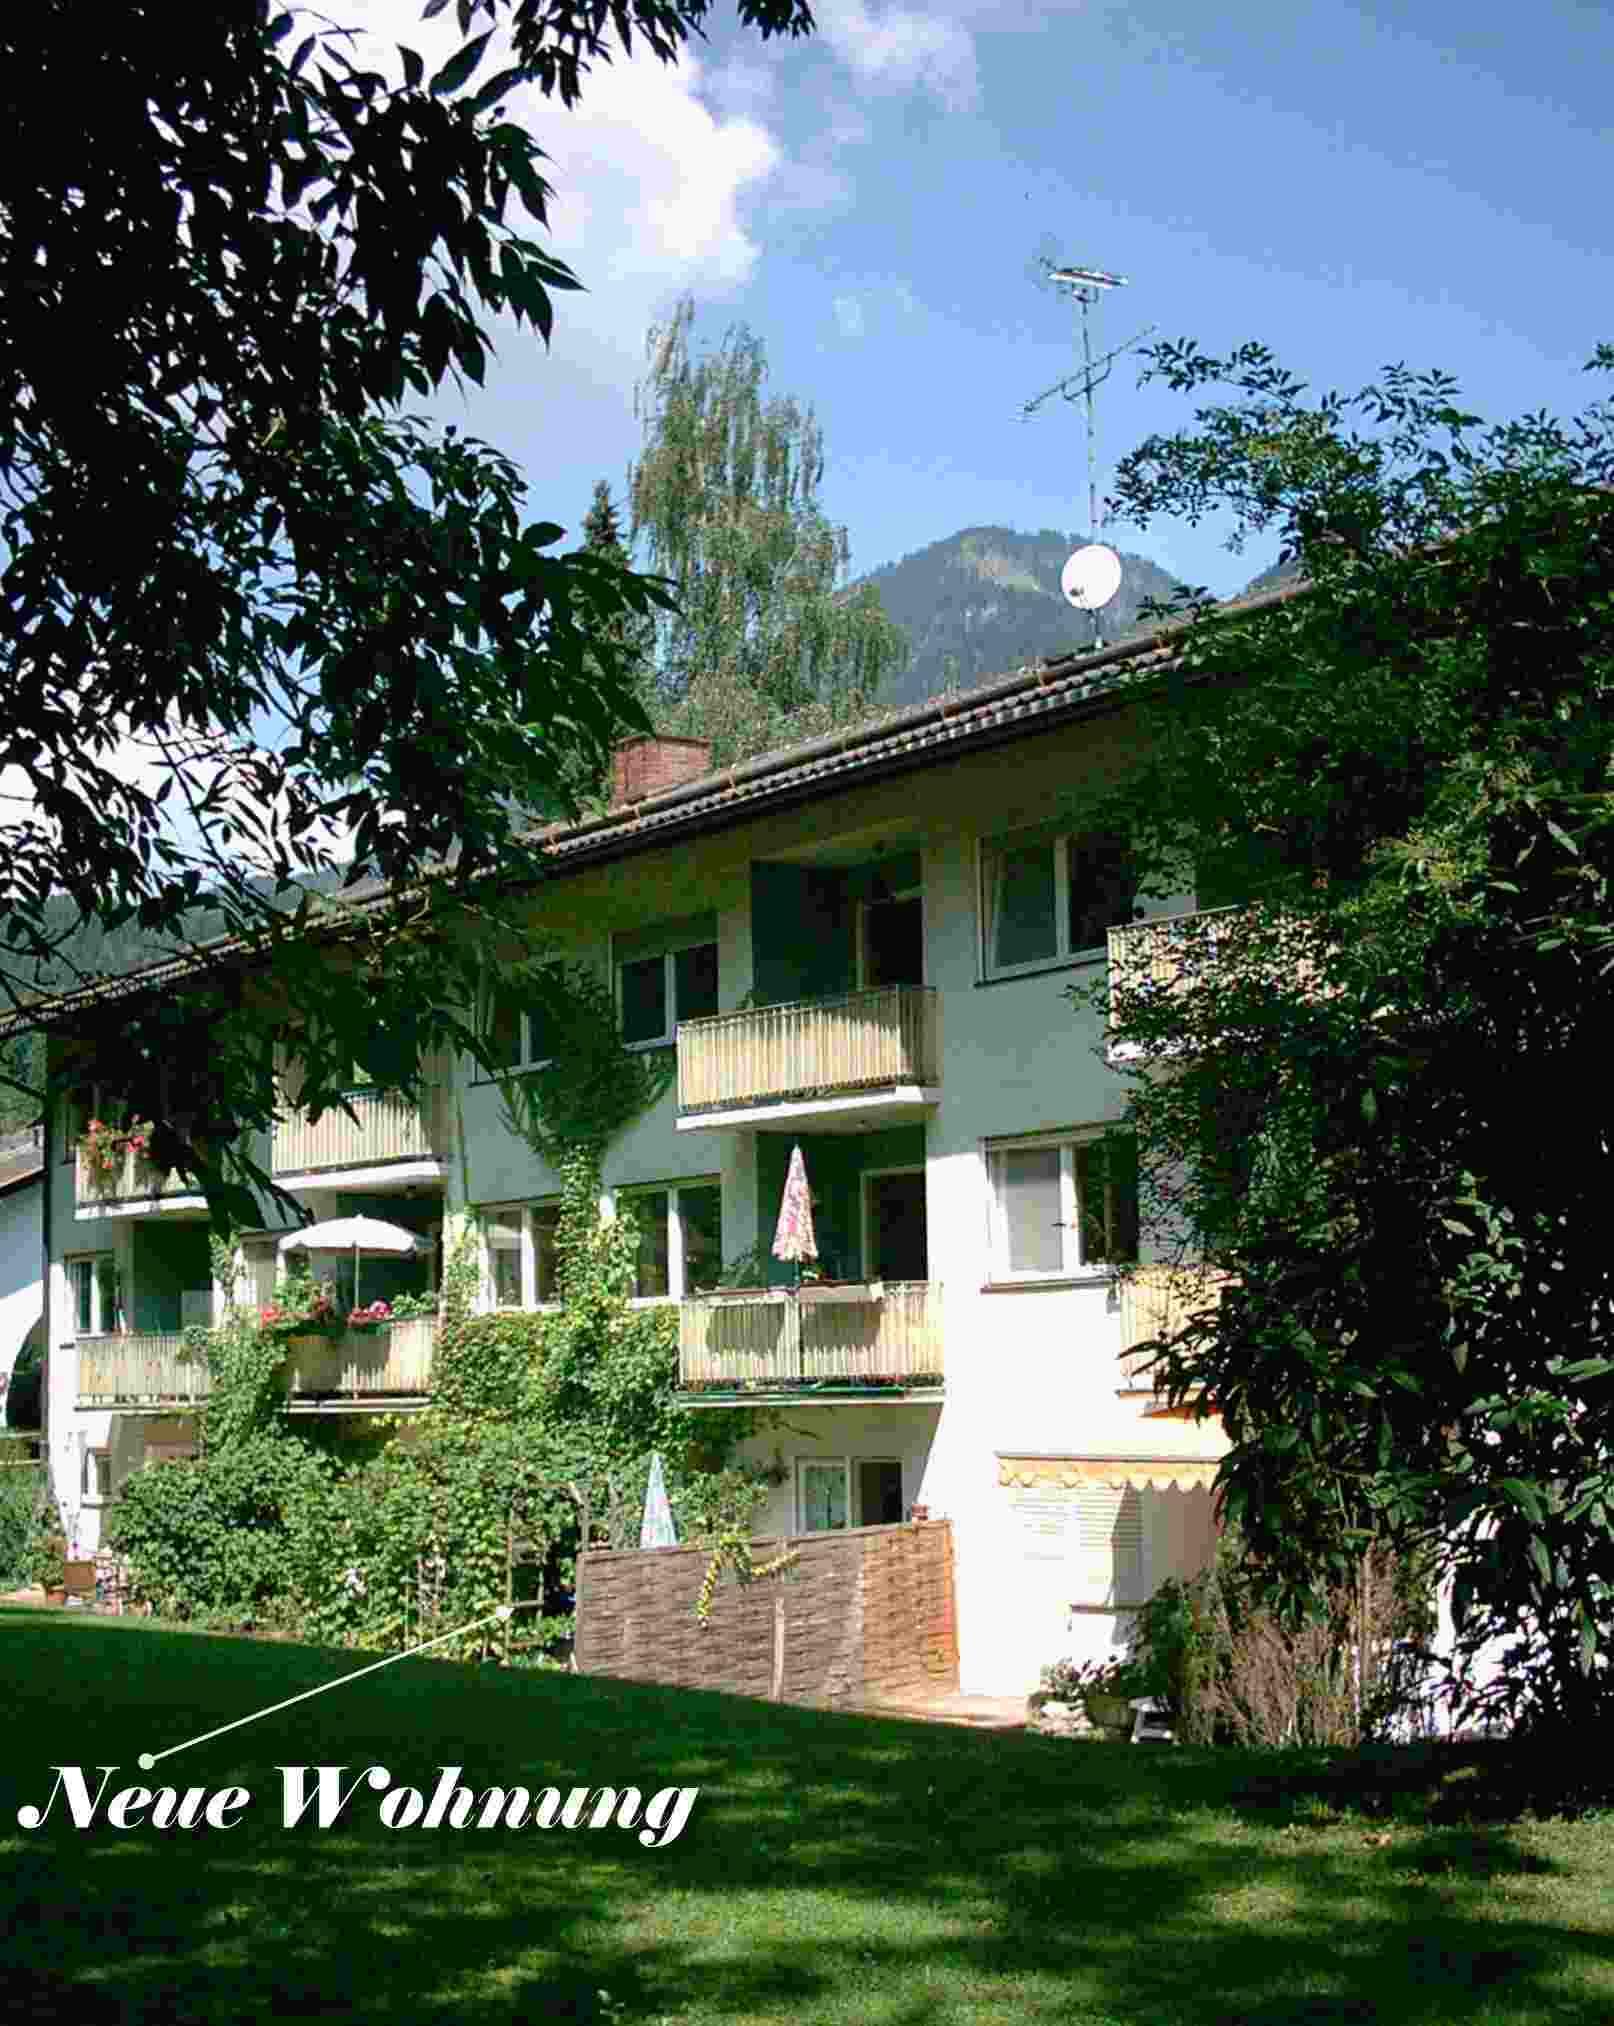 Wohnungen Zu Vermieten In Oberaudorf Nahe Rosenheim